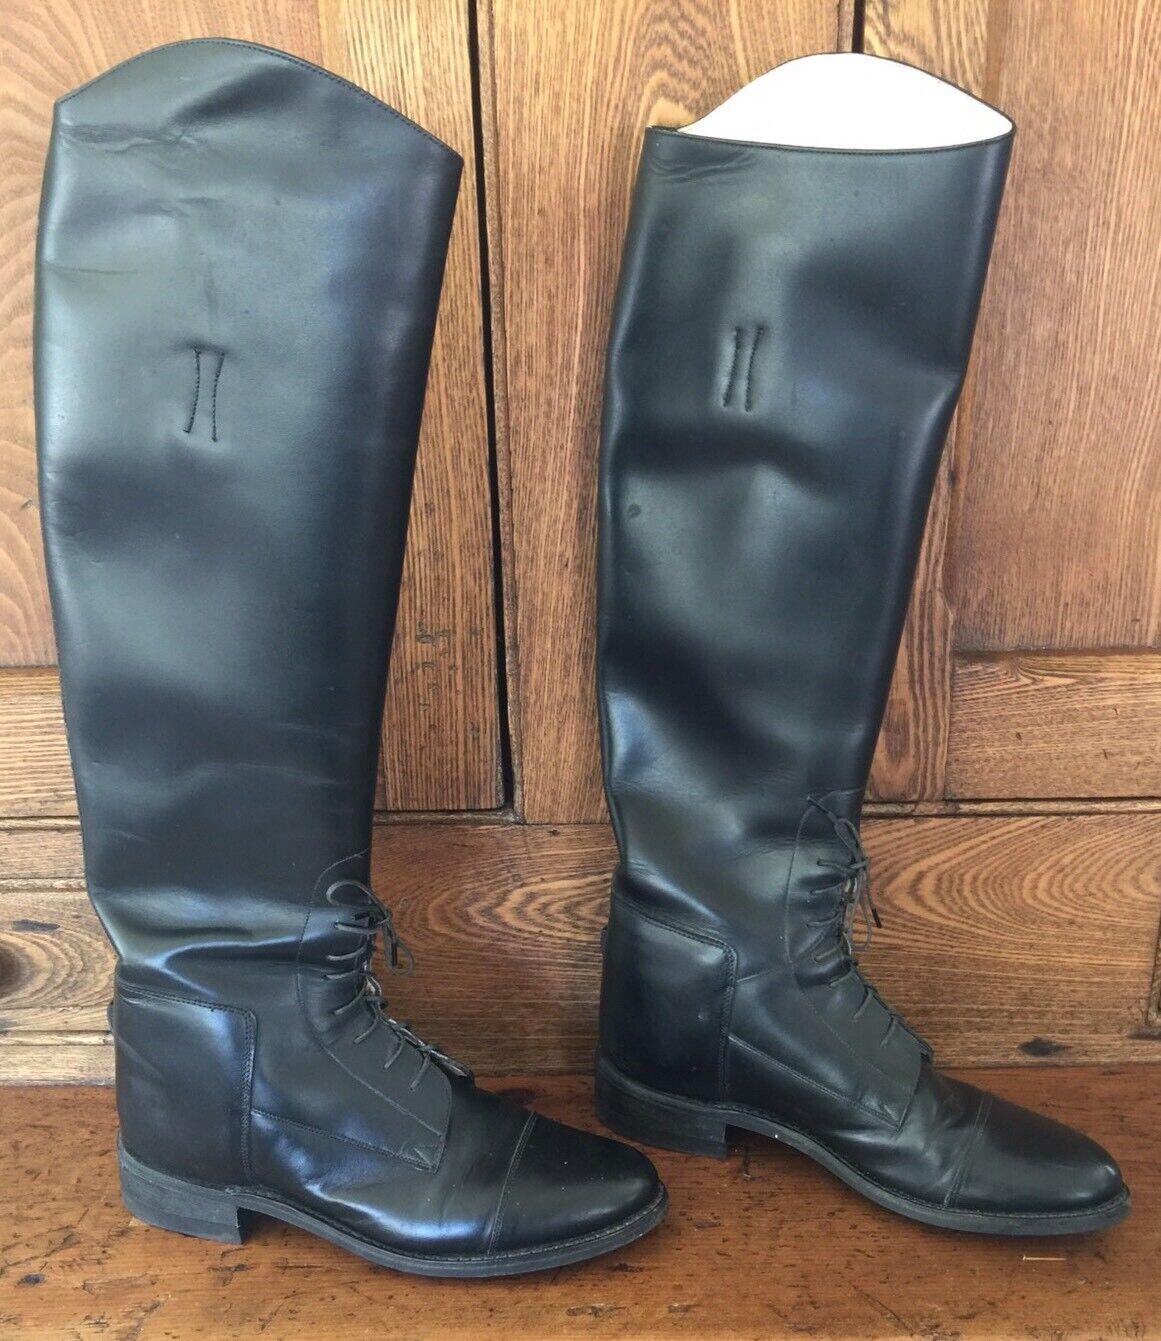 Effingham Bond botas 2000L alto Ecuestre Equitación Tire de encaje de cuero negro 7